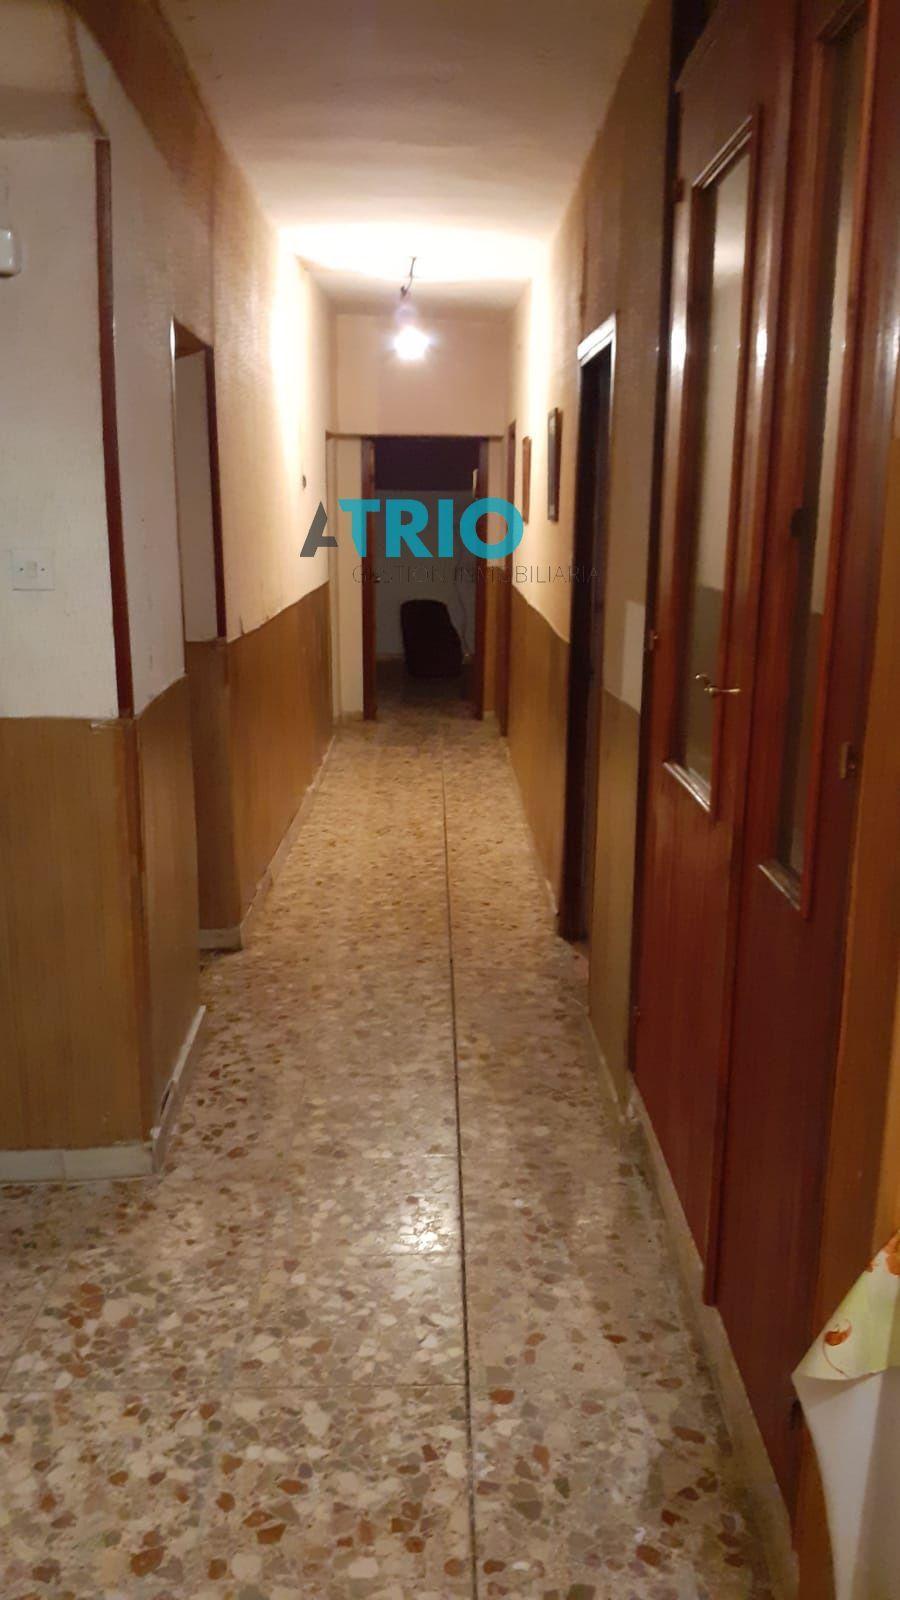 dia.mobiliagestion.es/Portals/inmoatrio/Images/6889/5010914